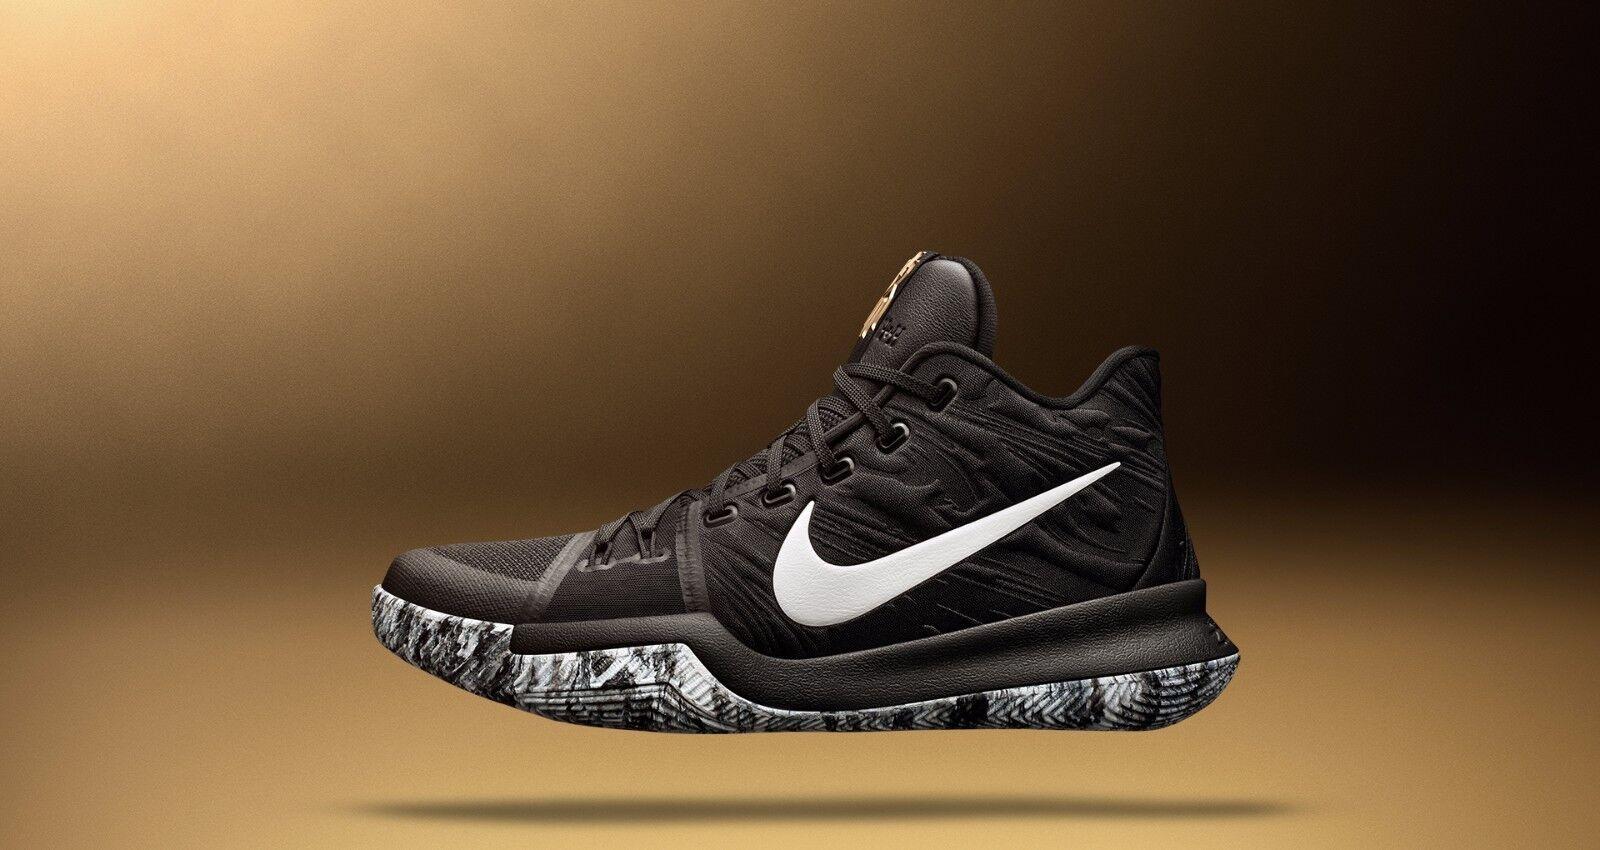 Nike Kyrie 3 BHM negro blanco zapatos casuales salvaje comodos salvaje casuales 43f6b0